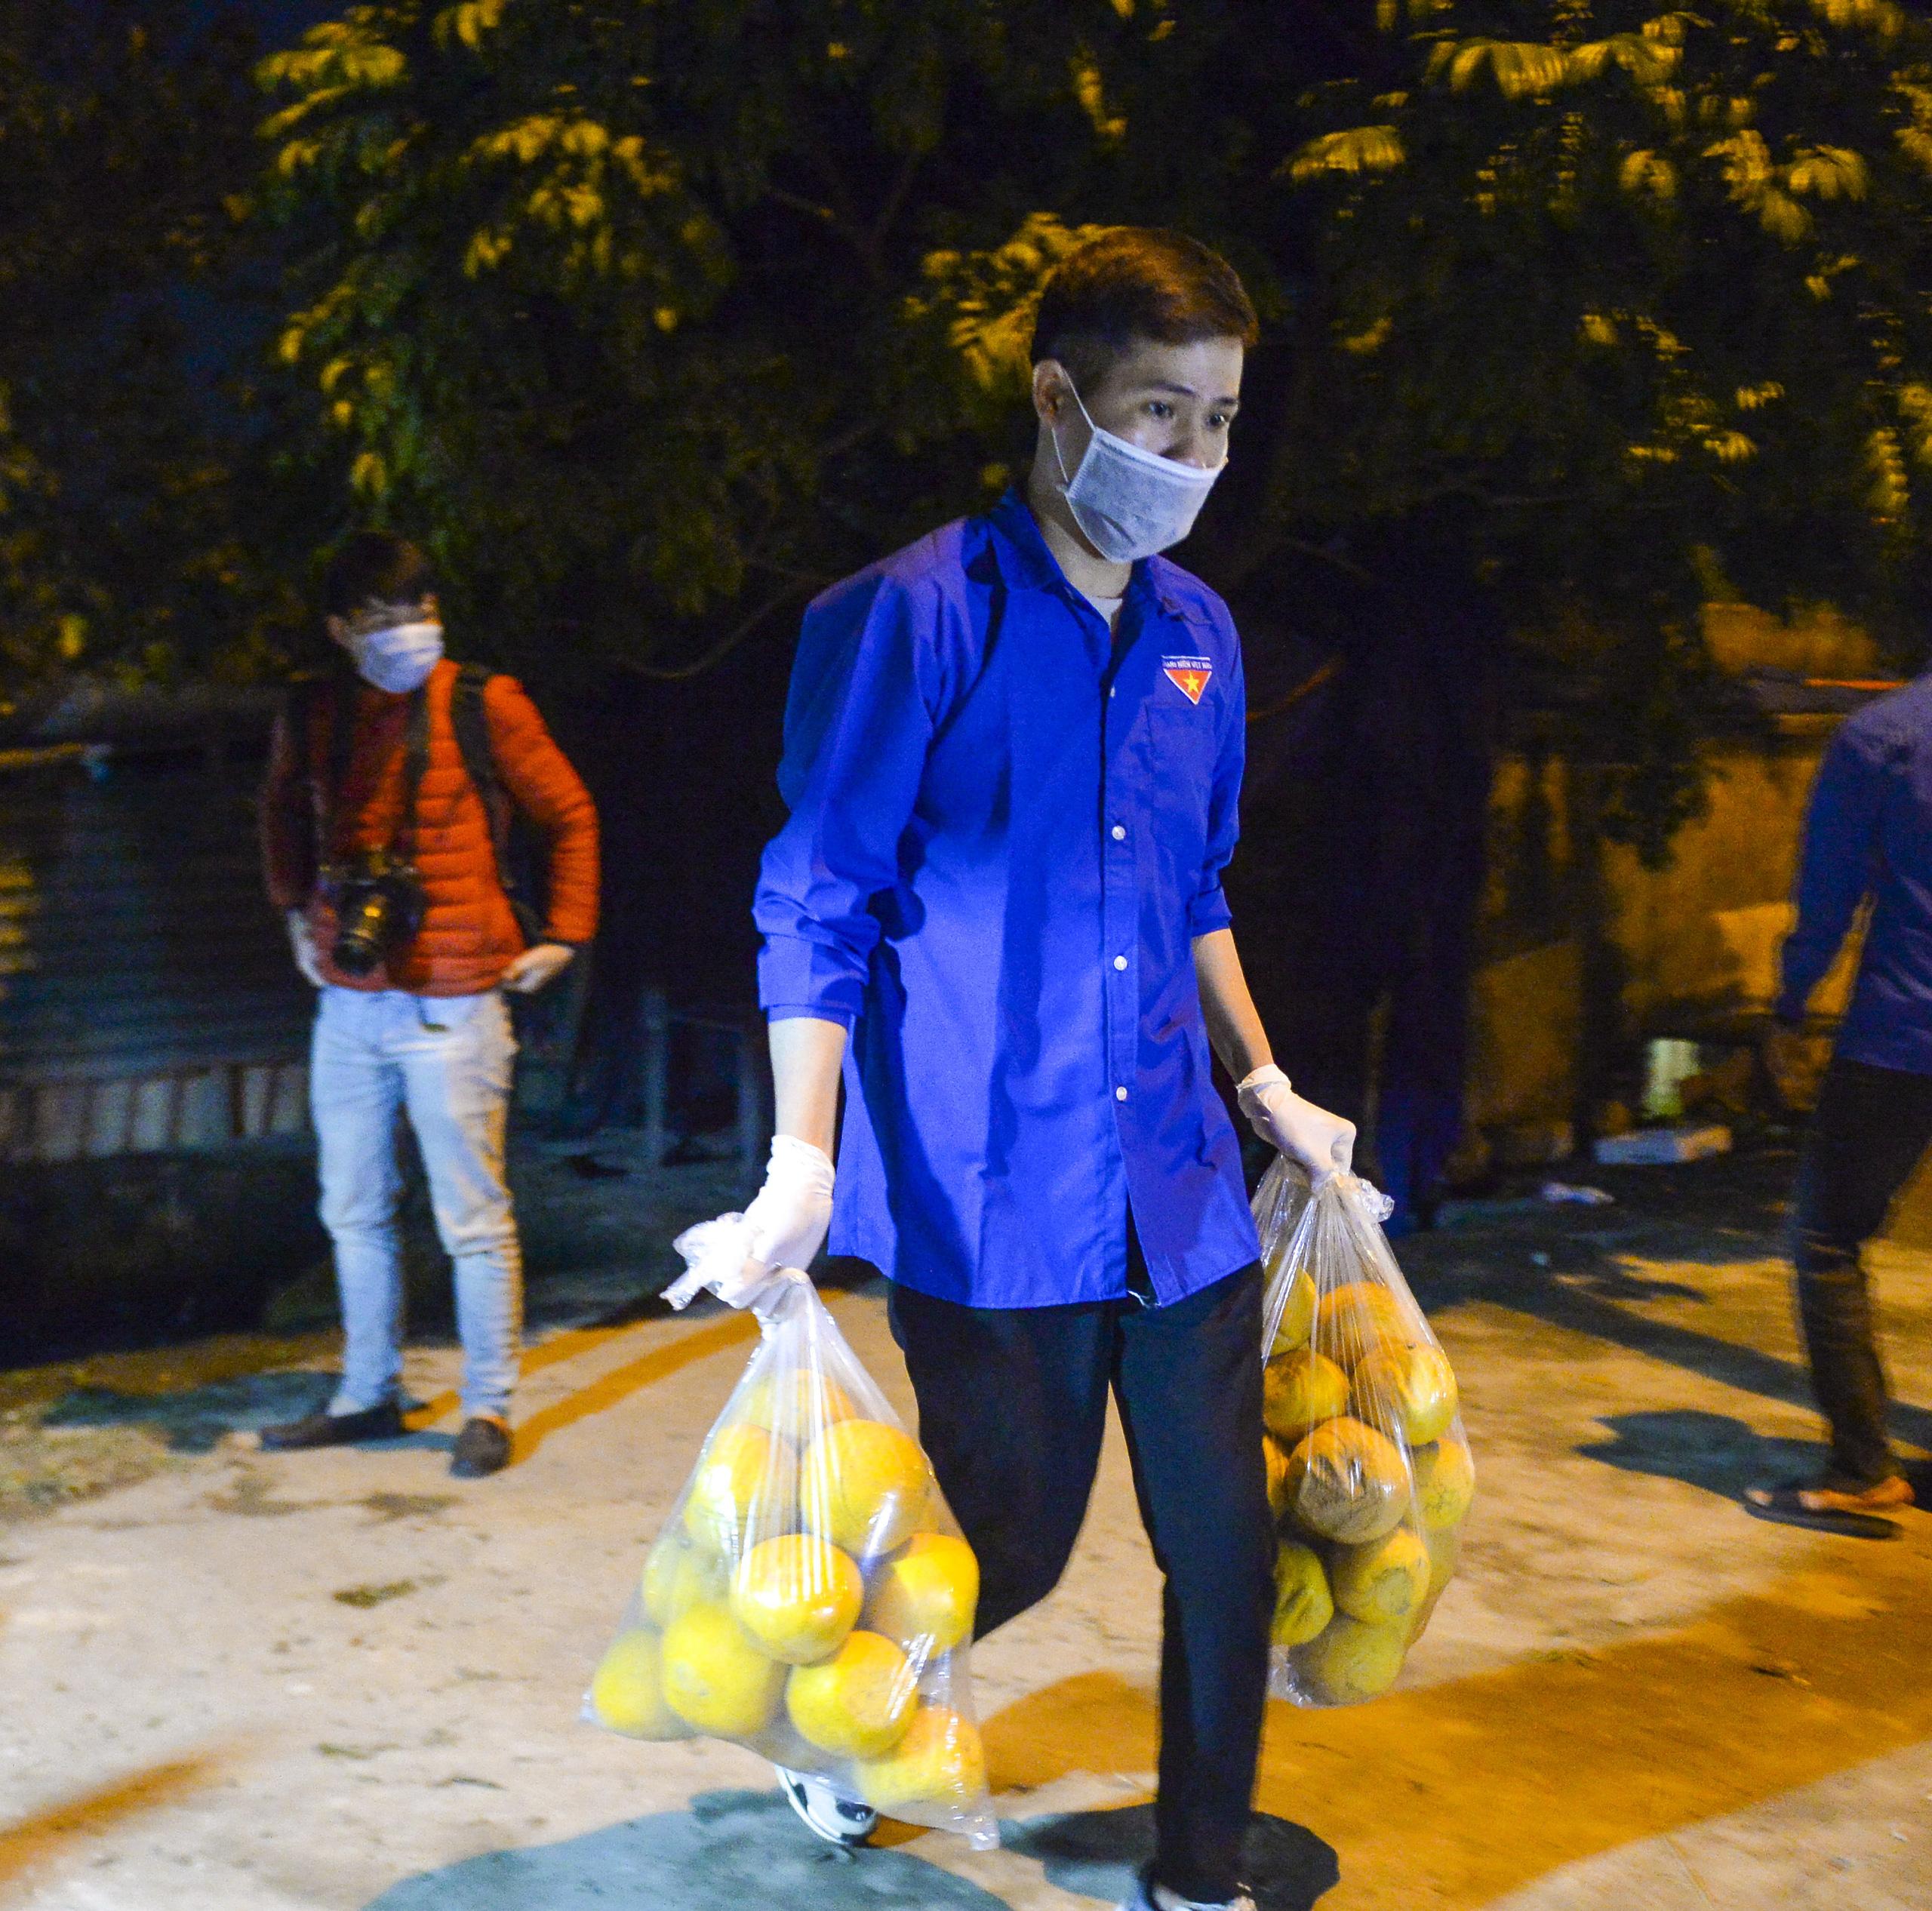 [Ảnh] Xe tuyên truyền phòng, chống COVID-19 ngày đêm đi quanh thôn có người dương tính SARS-CoV-2 ở Hà Nội - Ảnh 8.